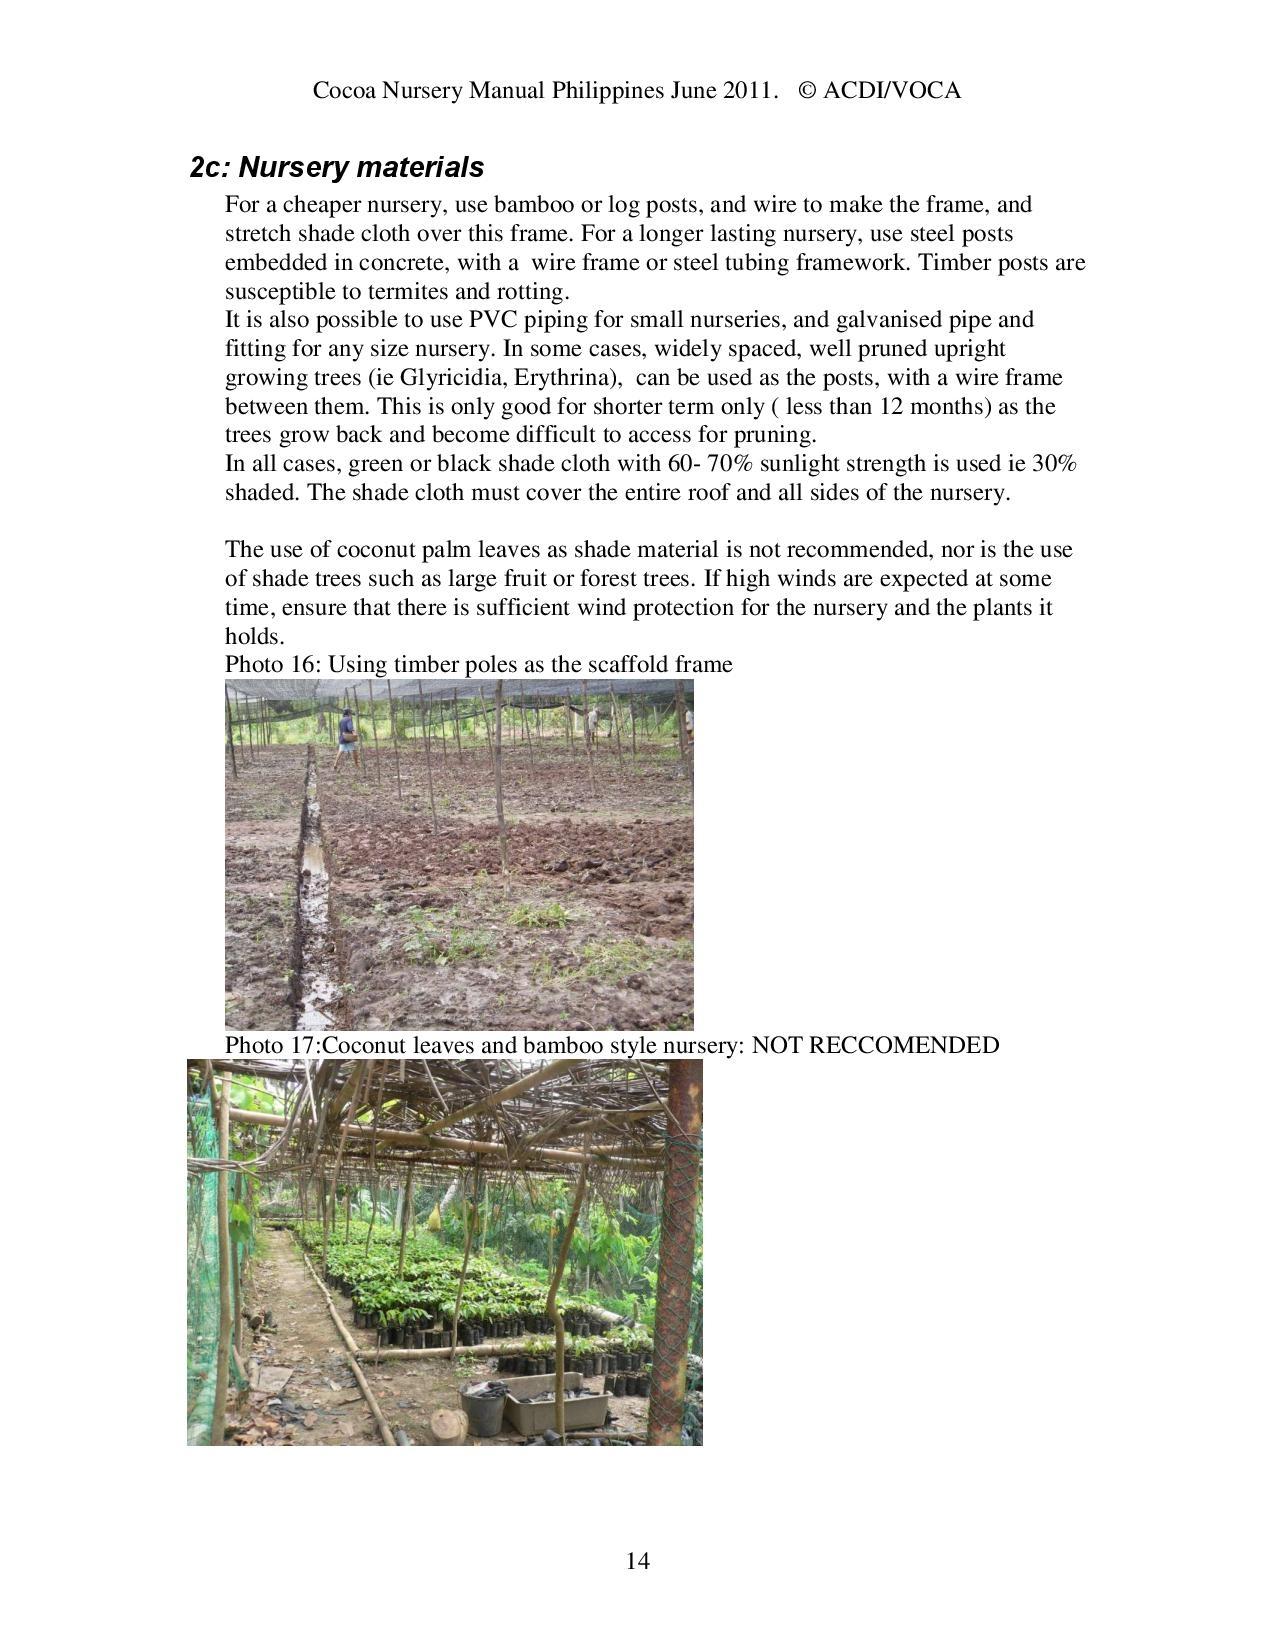 Cocoa-Nursery-Manual-2011_acdi-voca-page-014